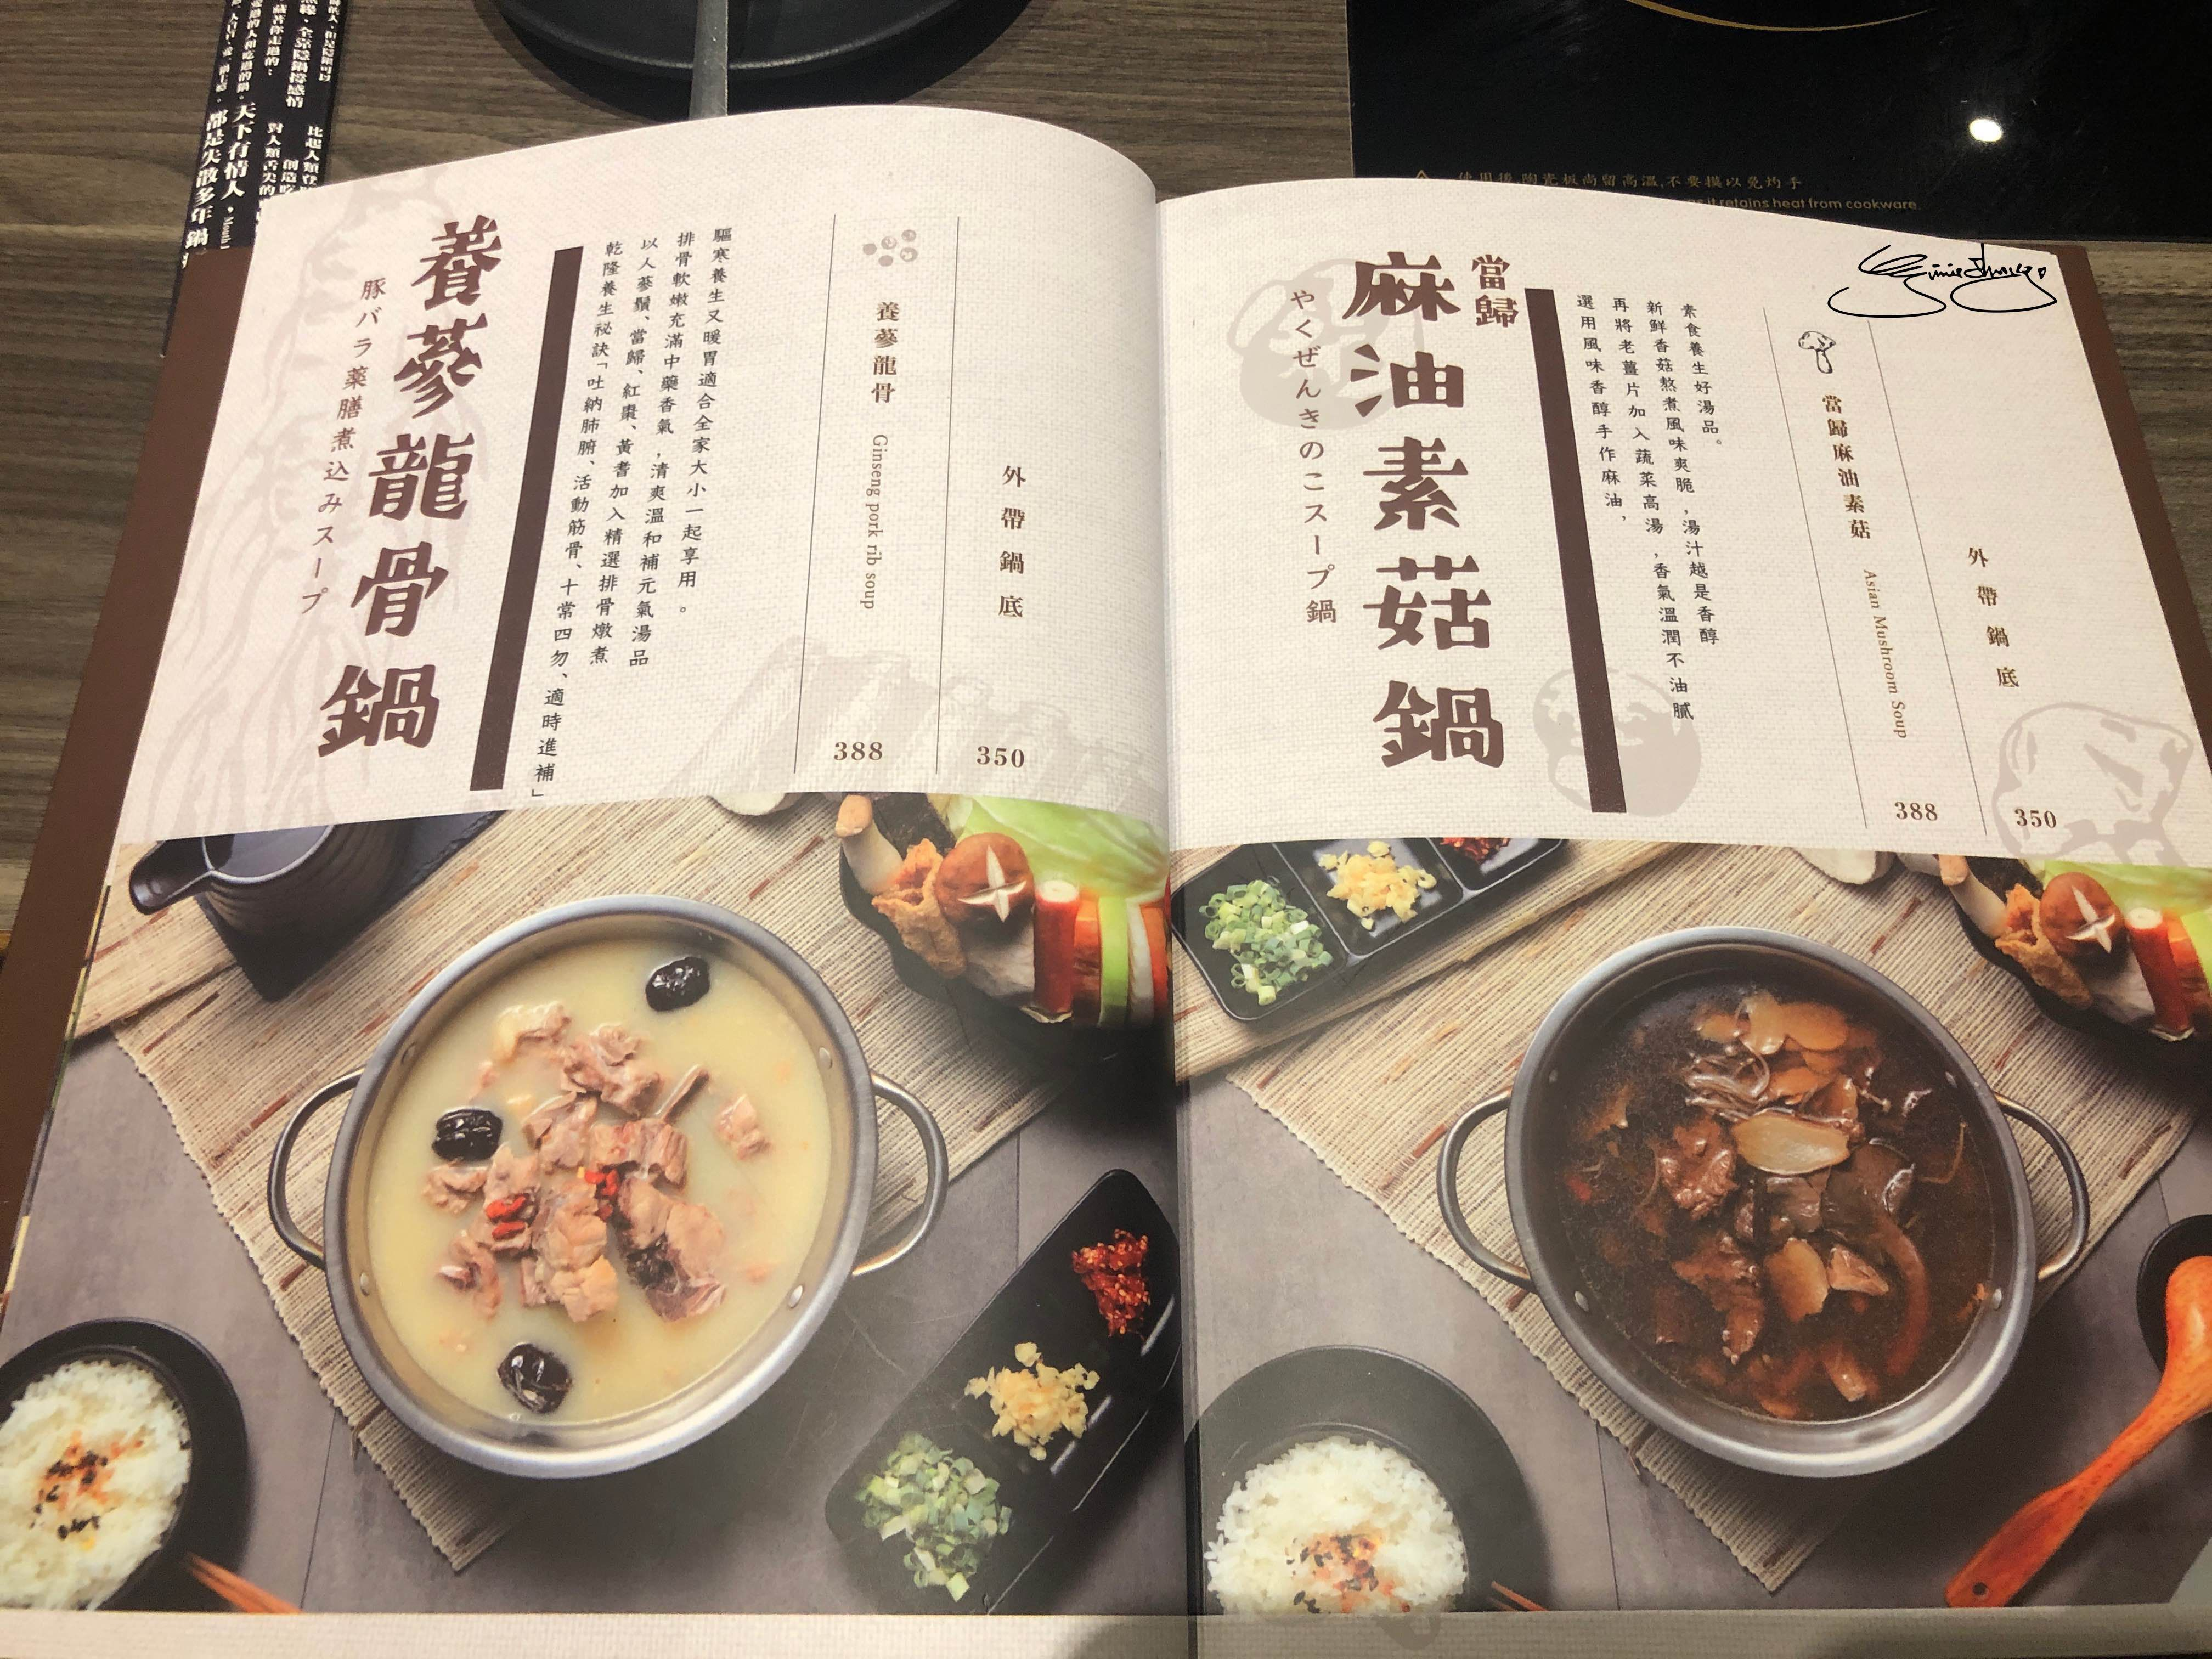 隱鍋台中公益店 菜單